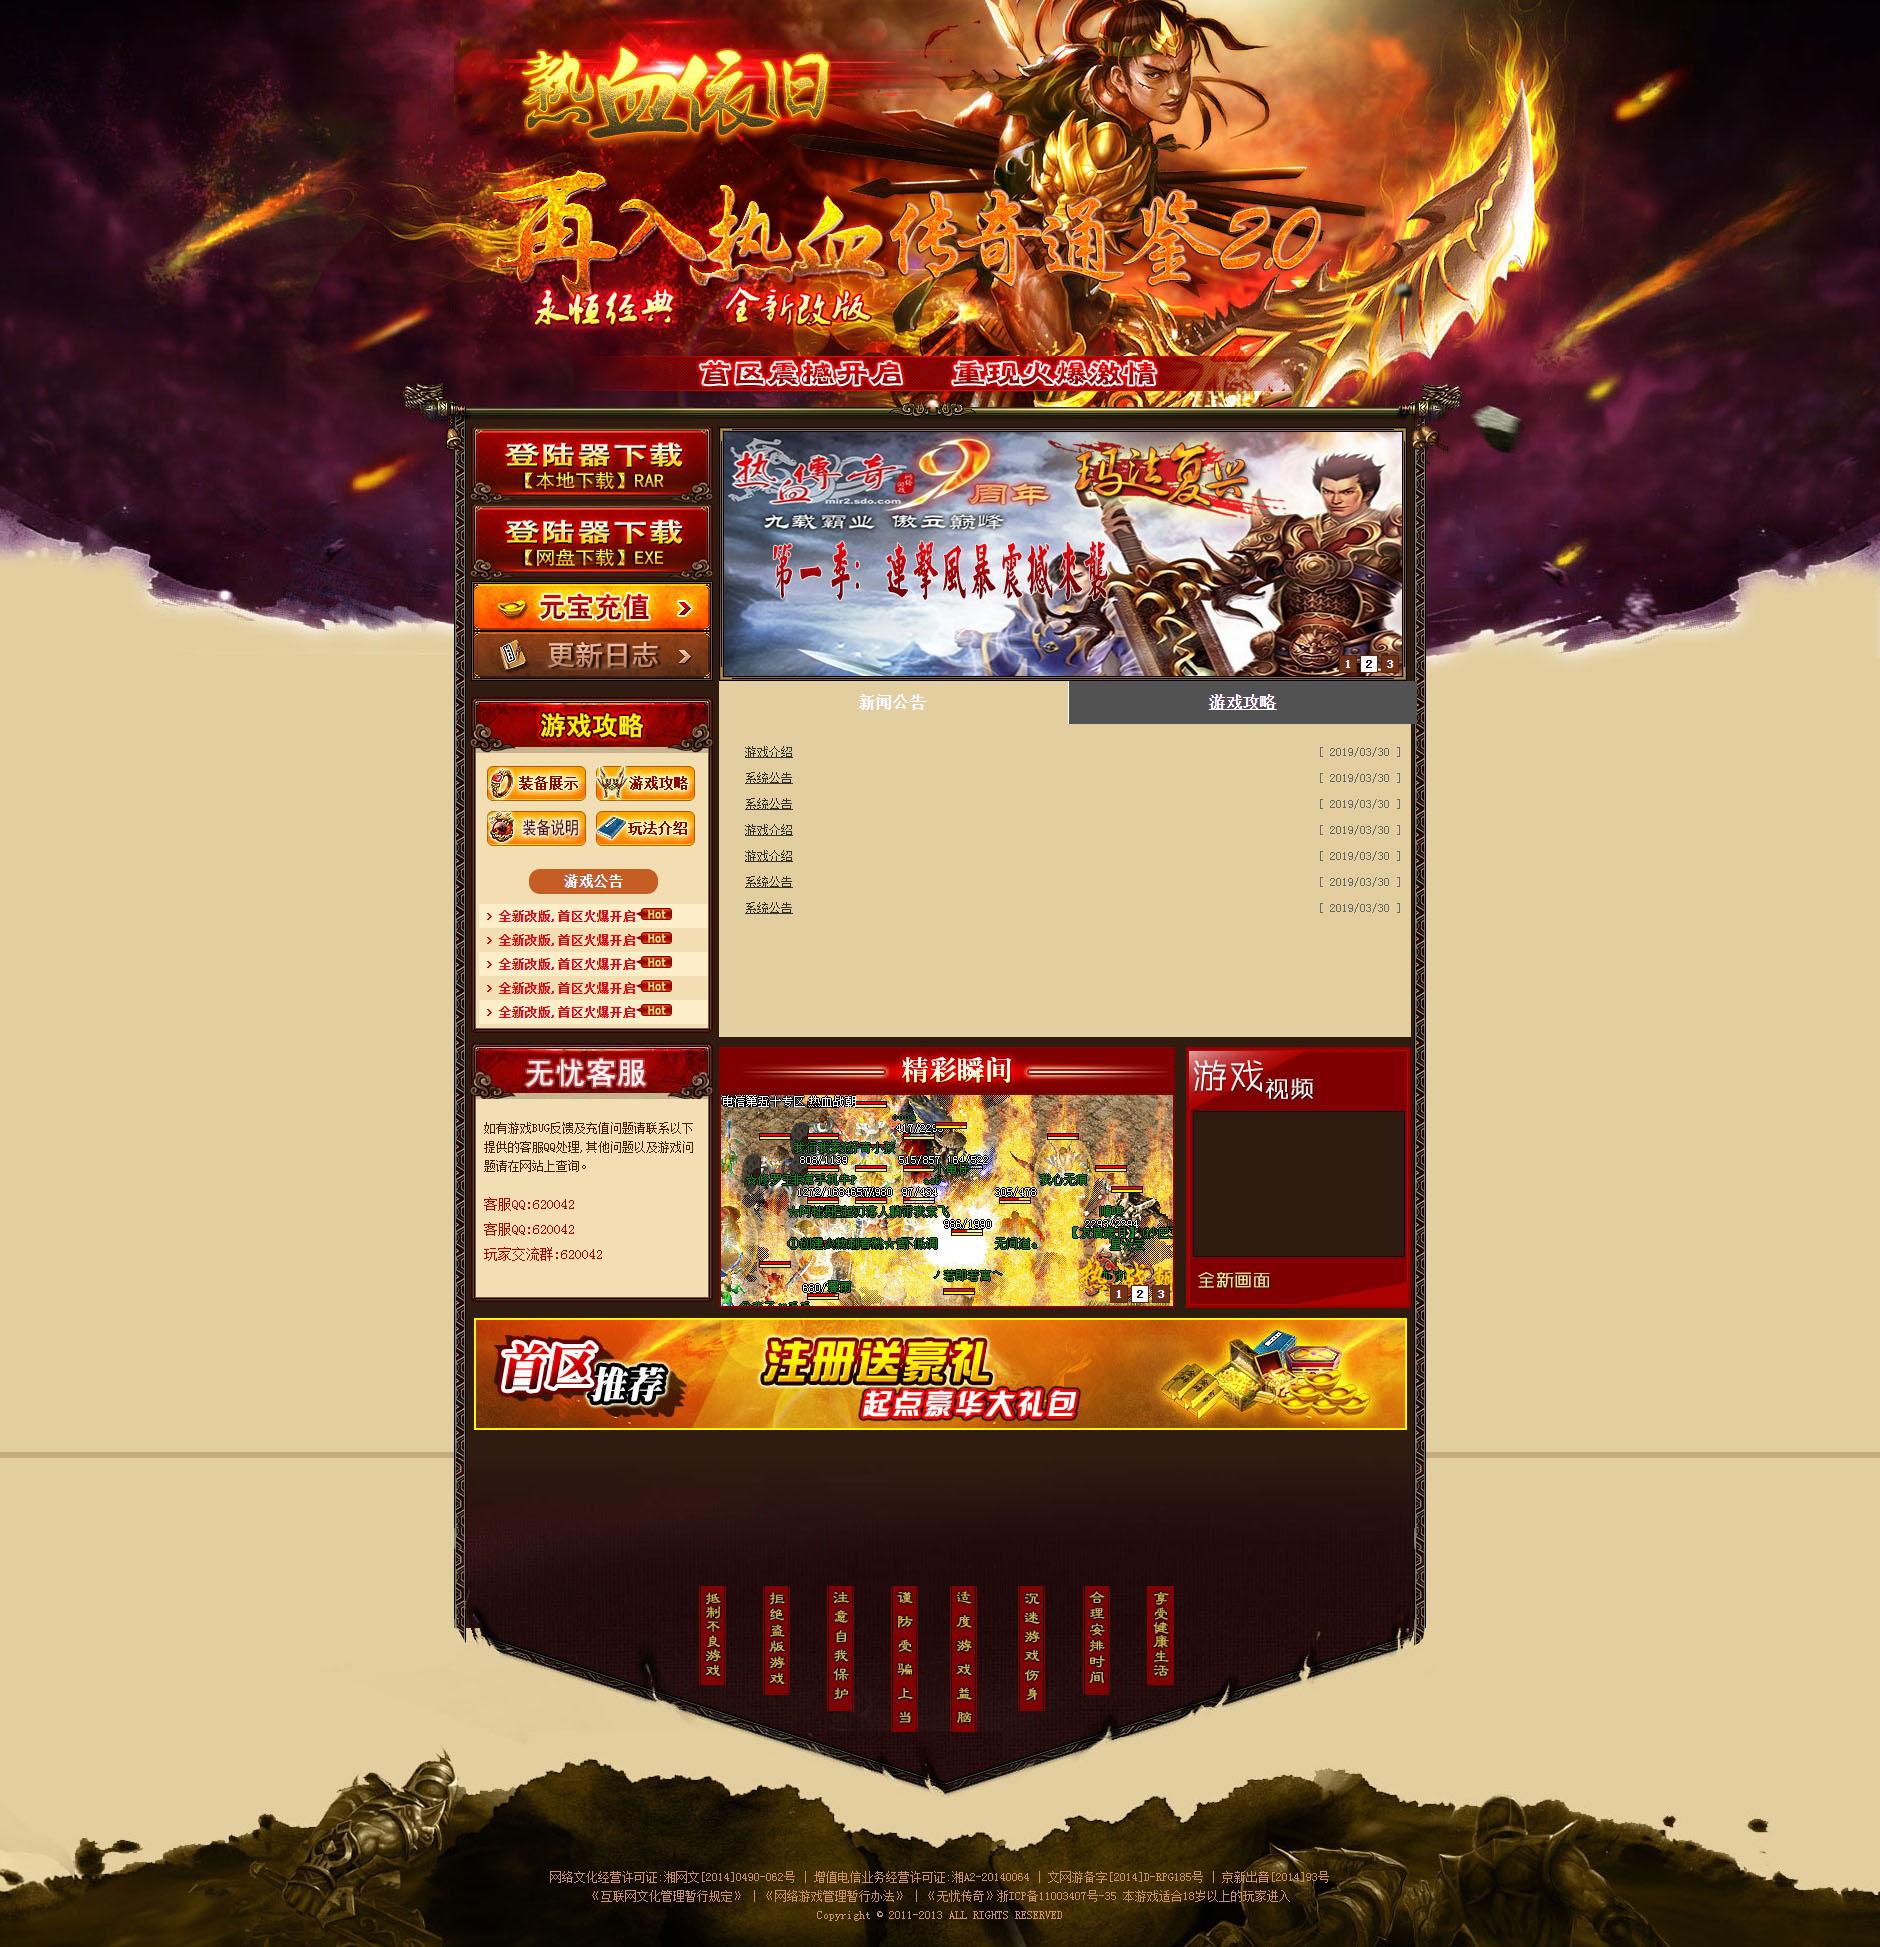 传奇3网站模板 游戏传奇网模板ASP源码 官网模板带后台